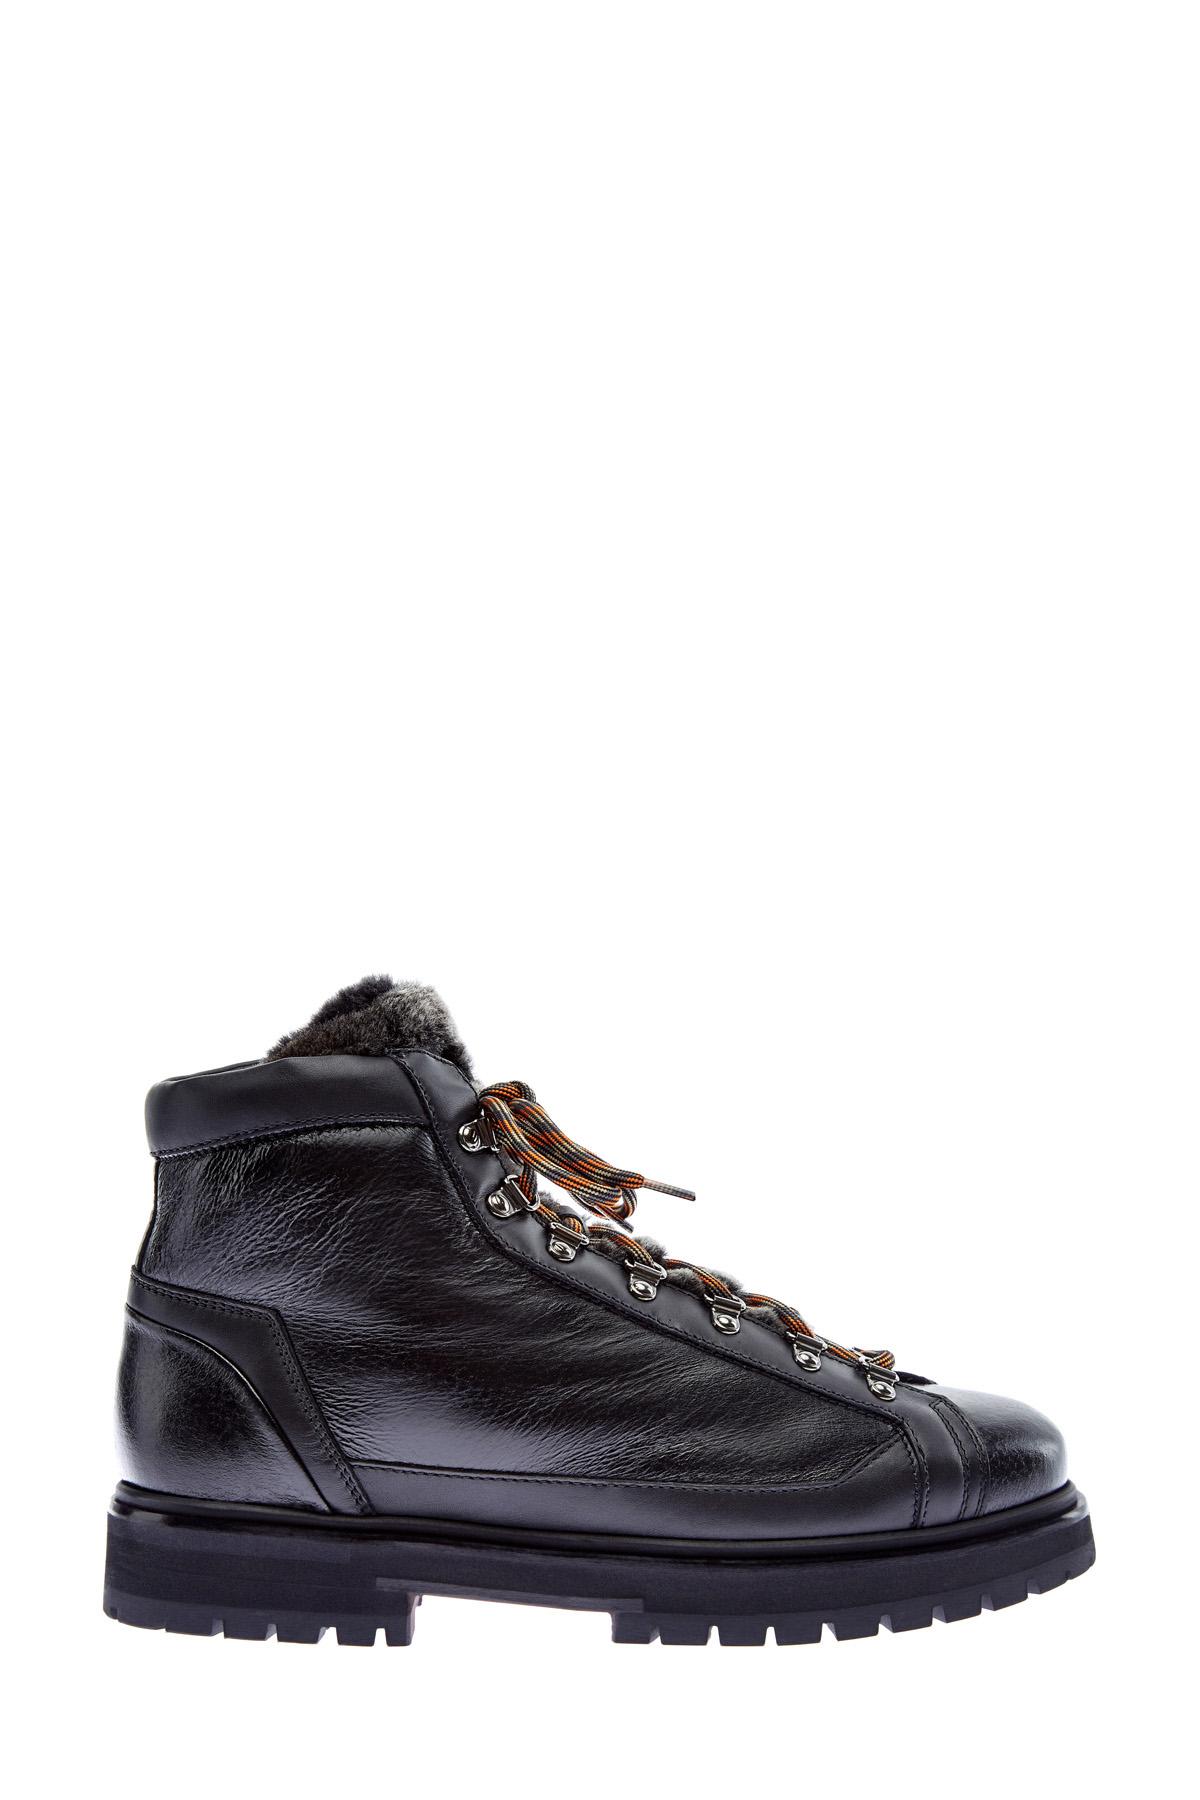 Высокие ботинки со вставками из кожи оленя и мехом фото